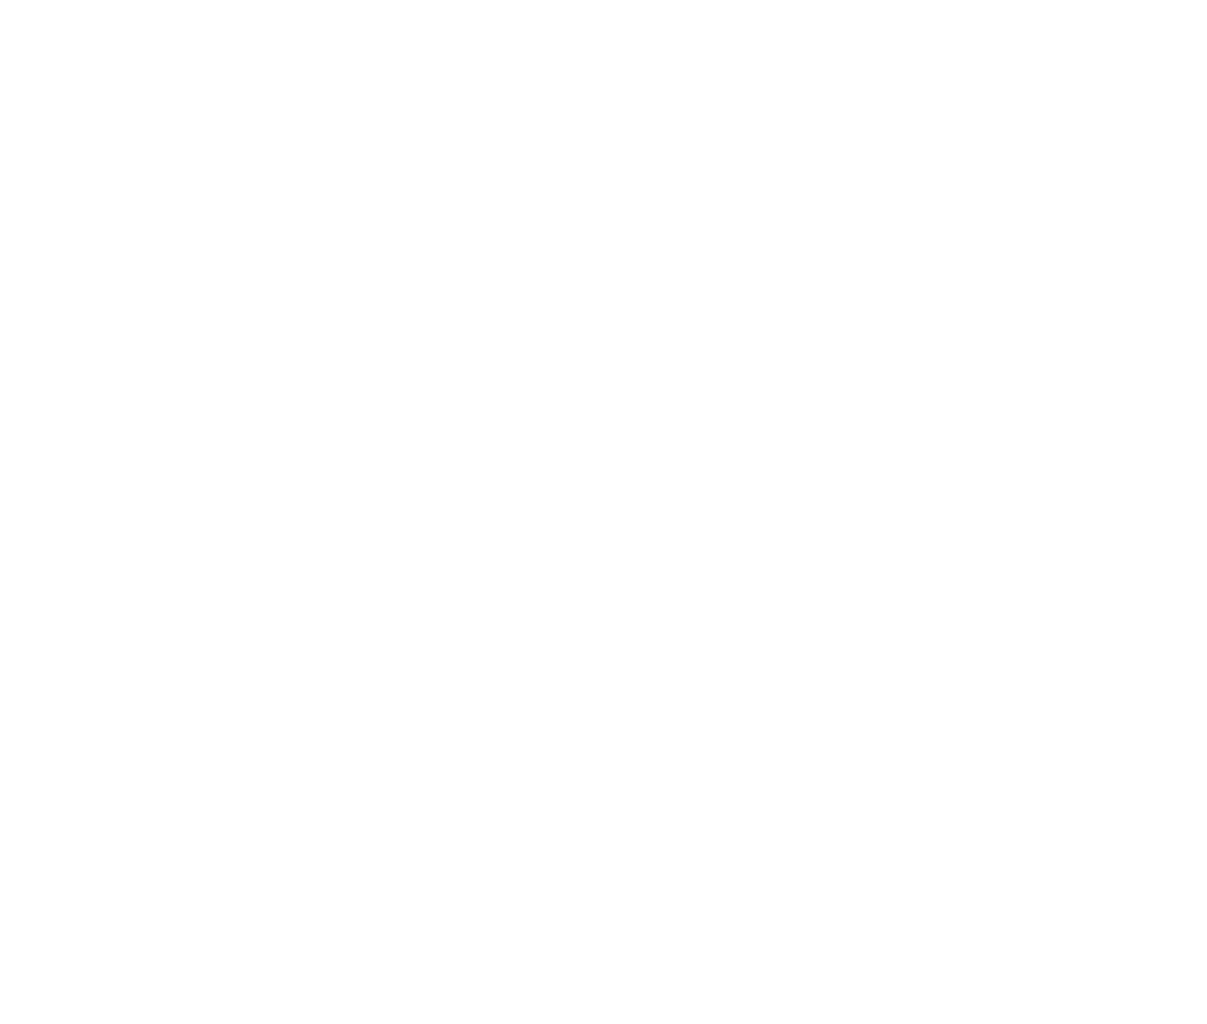 UN_SECRETARIAT